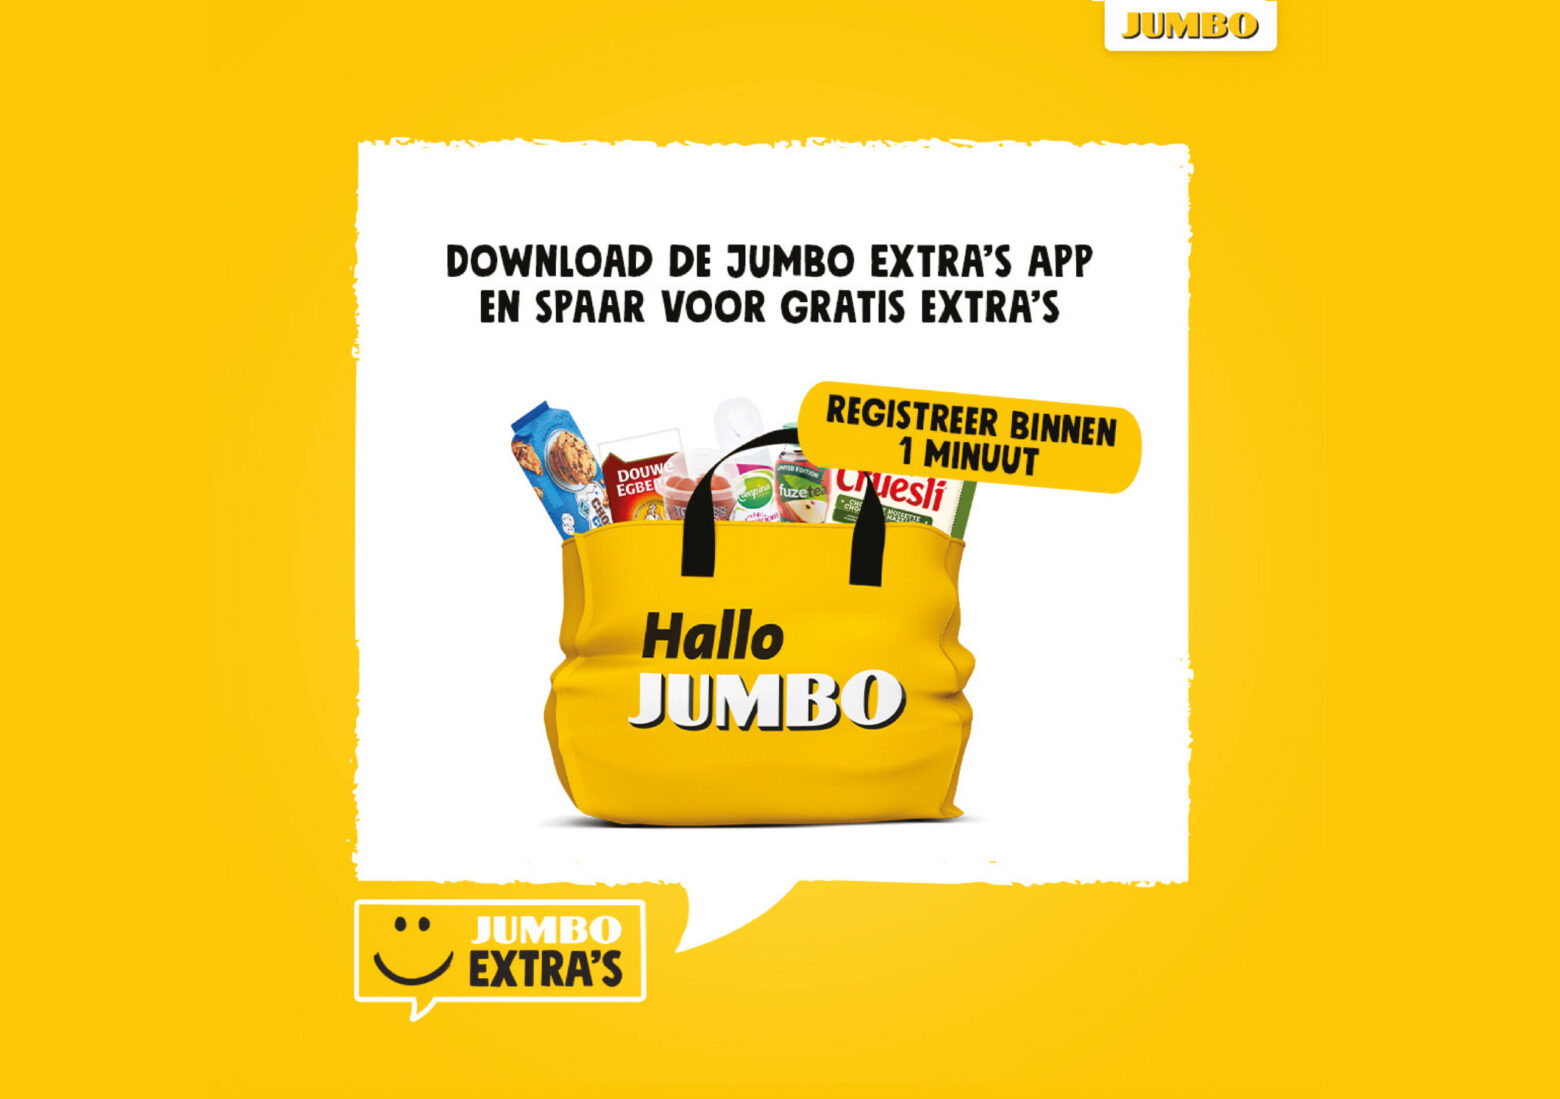 Jumbo Kerkstraat Download de Jumbo Extra's